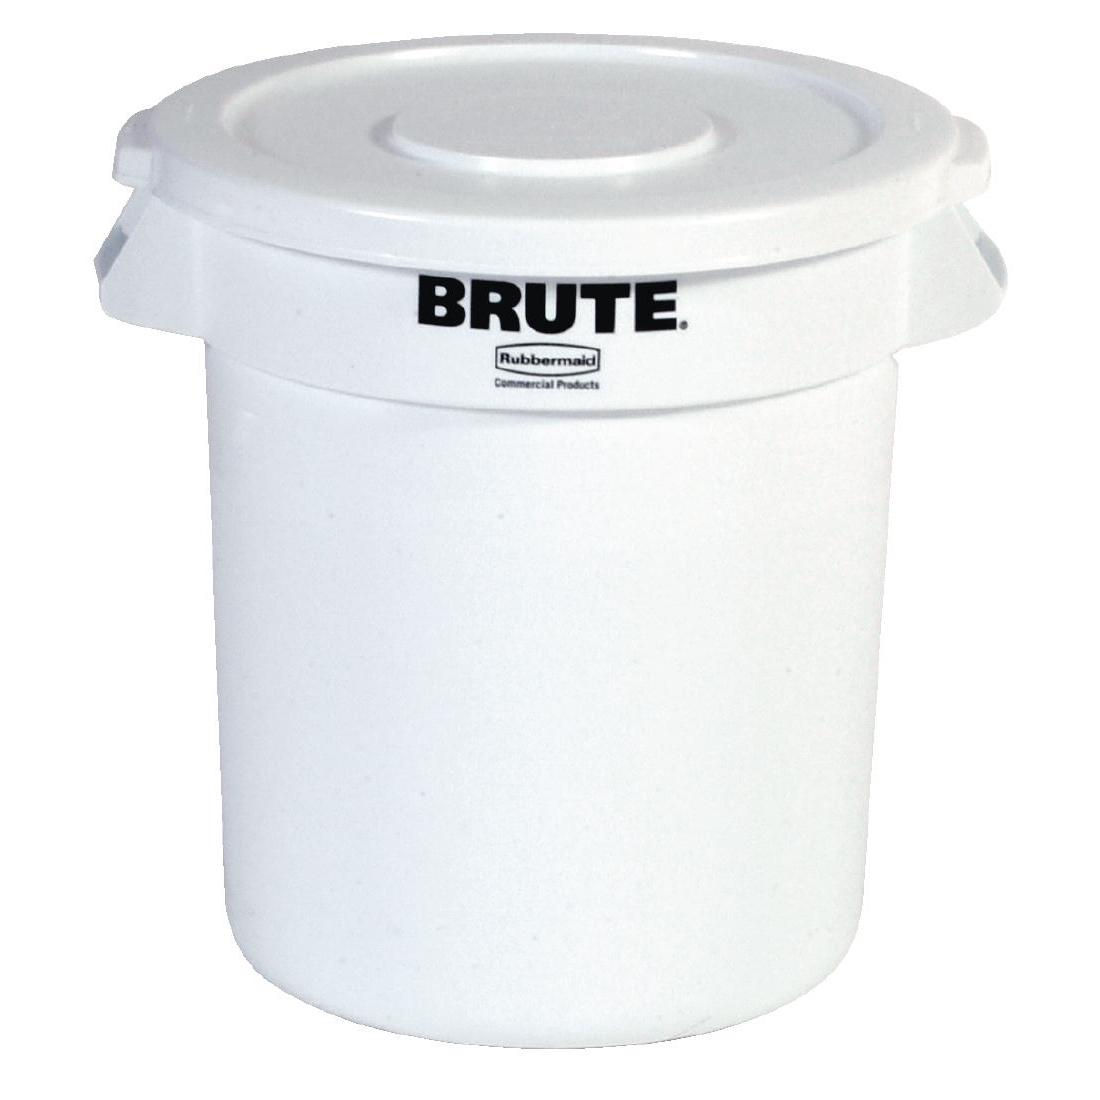 Collecteur Rubbermaid Brute blanc 121,1L